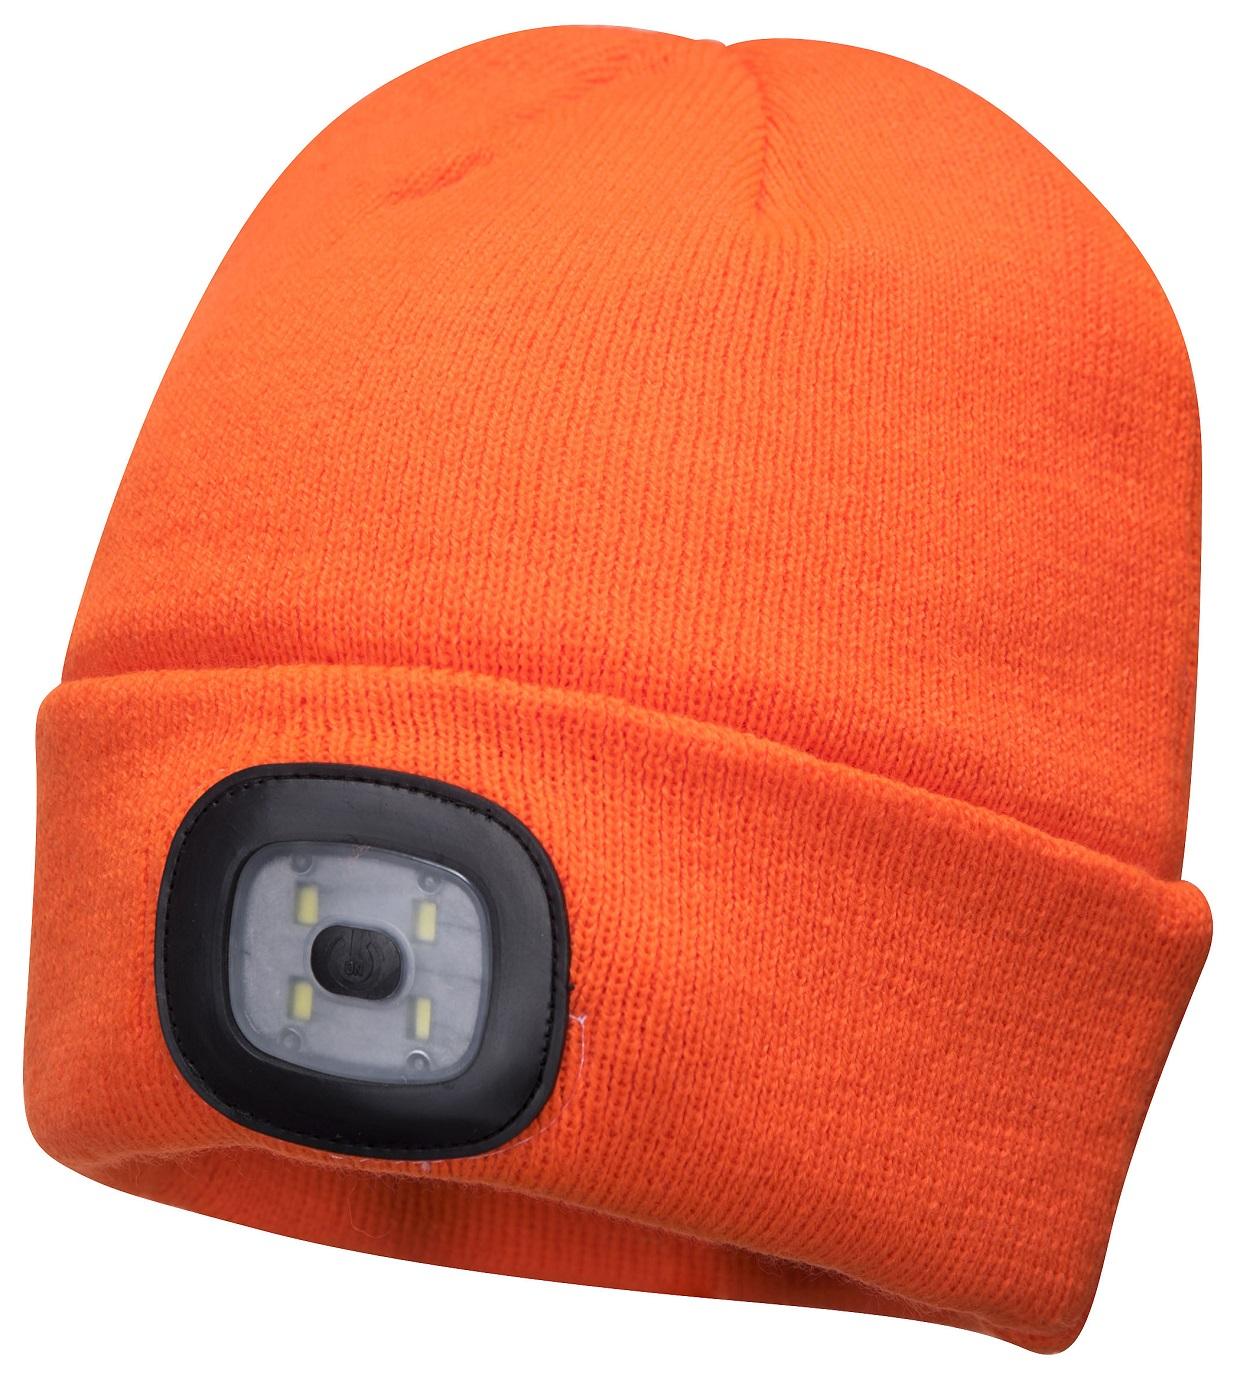 B029 portocaliu2